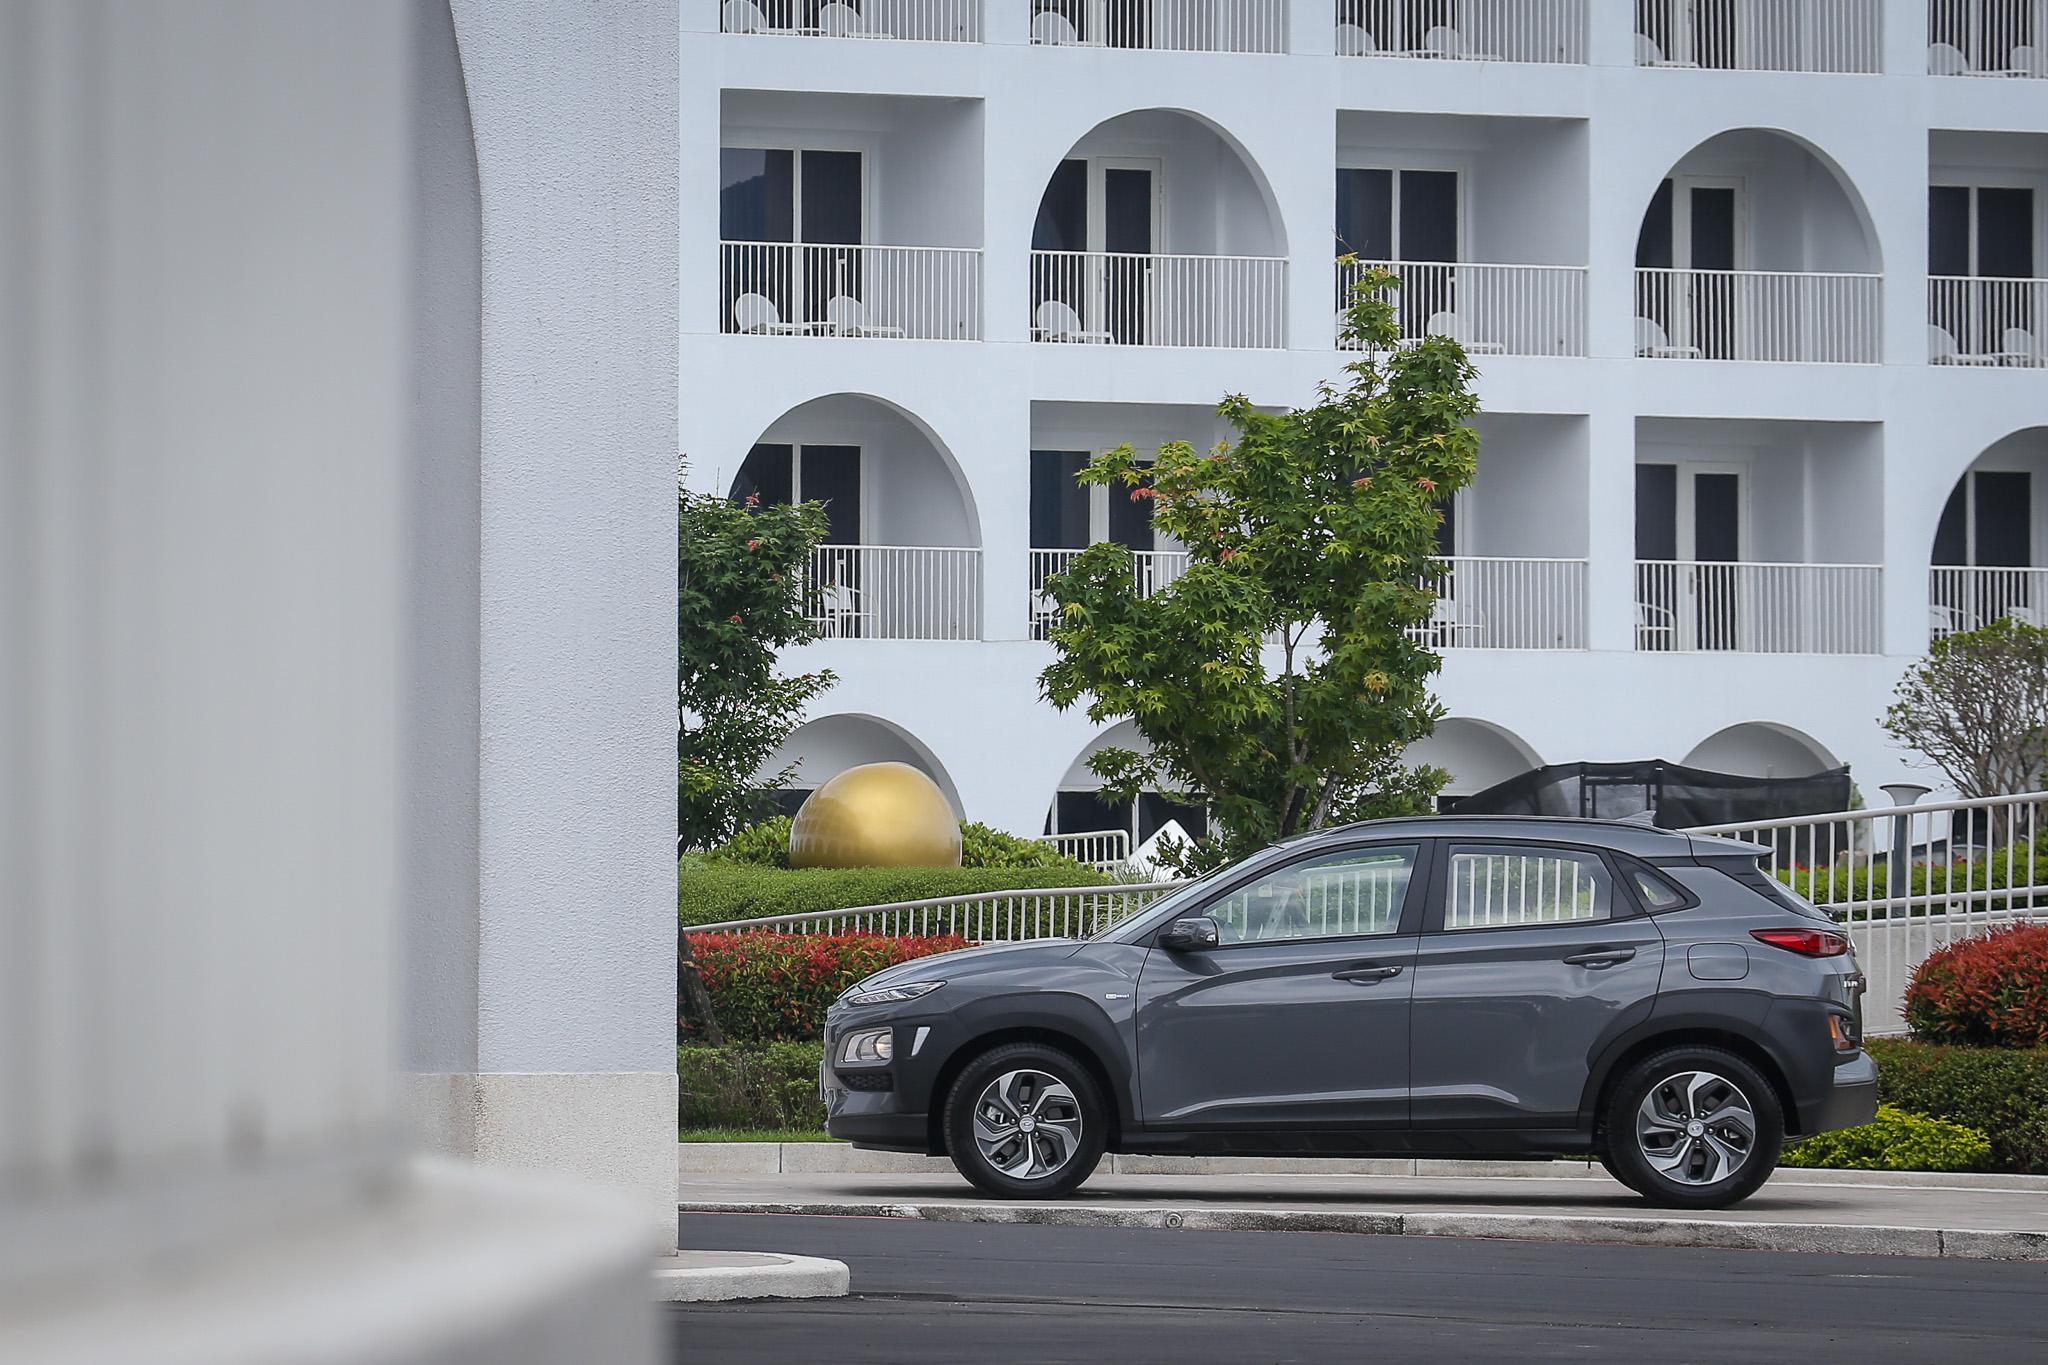 從既有車款衍生出新油電動力選擇,對於 Hyundai 是成本考量上測試市場水溫的好方法。